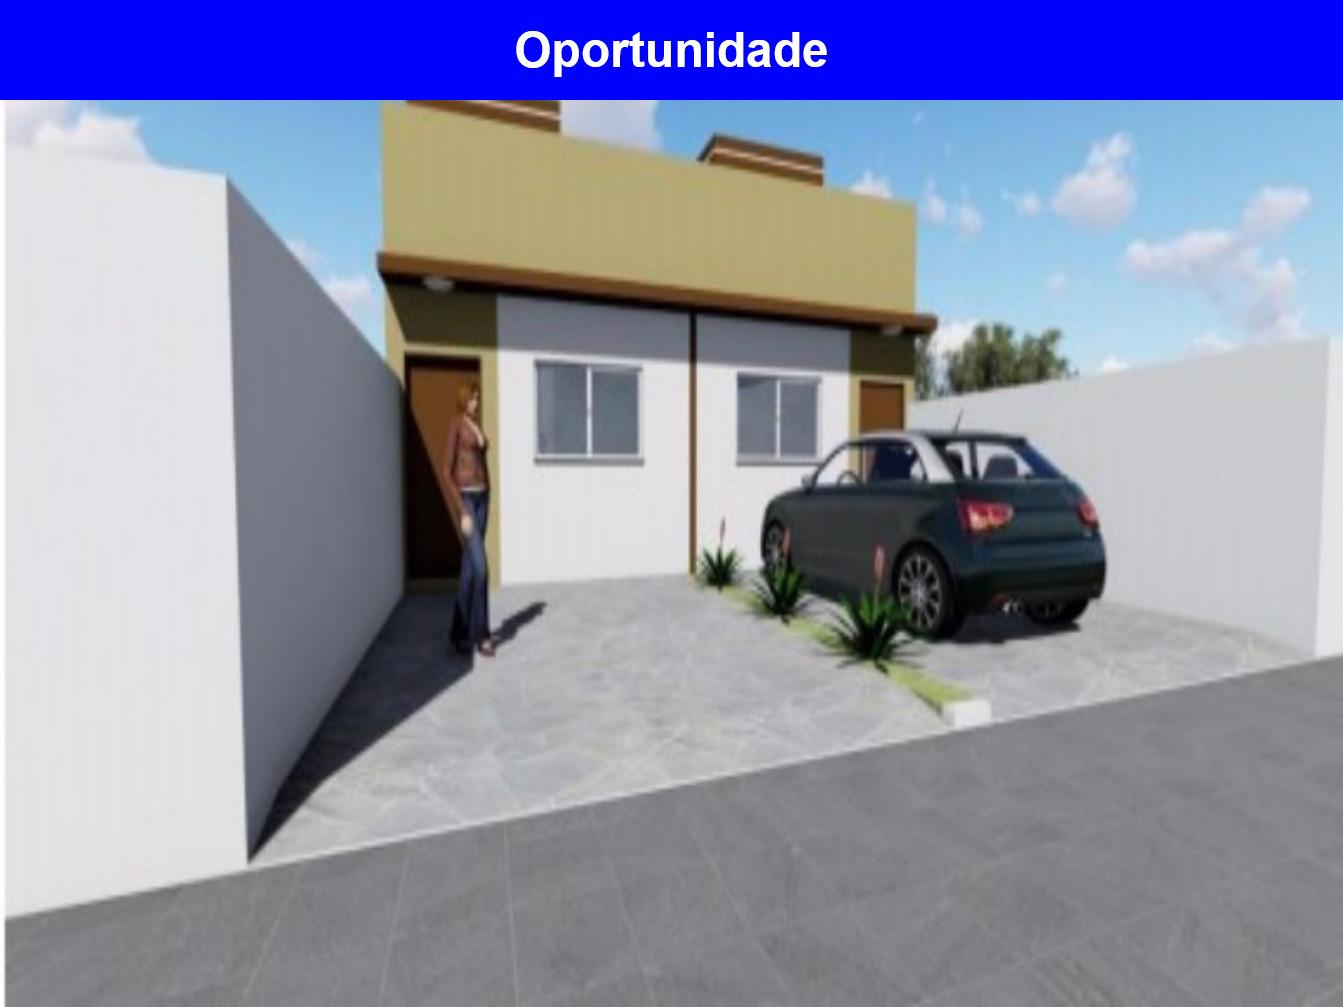 Casa a venda no JARDIM NOVA APARECIDINHA, Sorocaba -SP